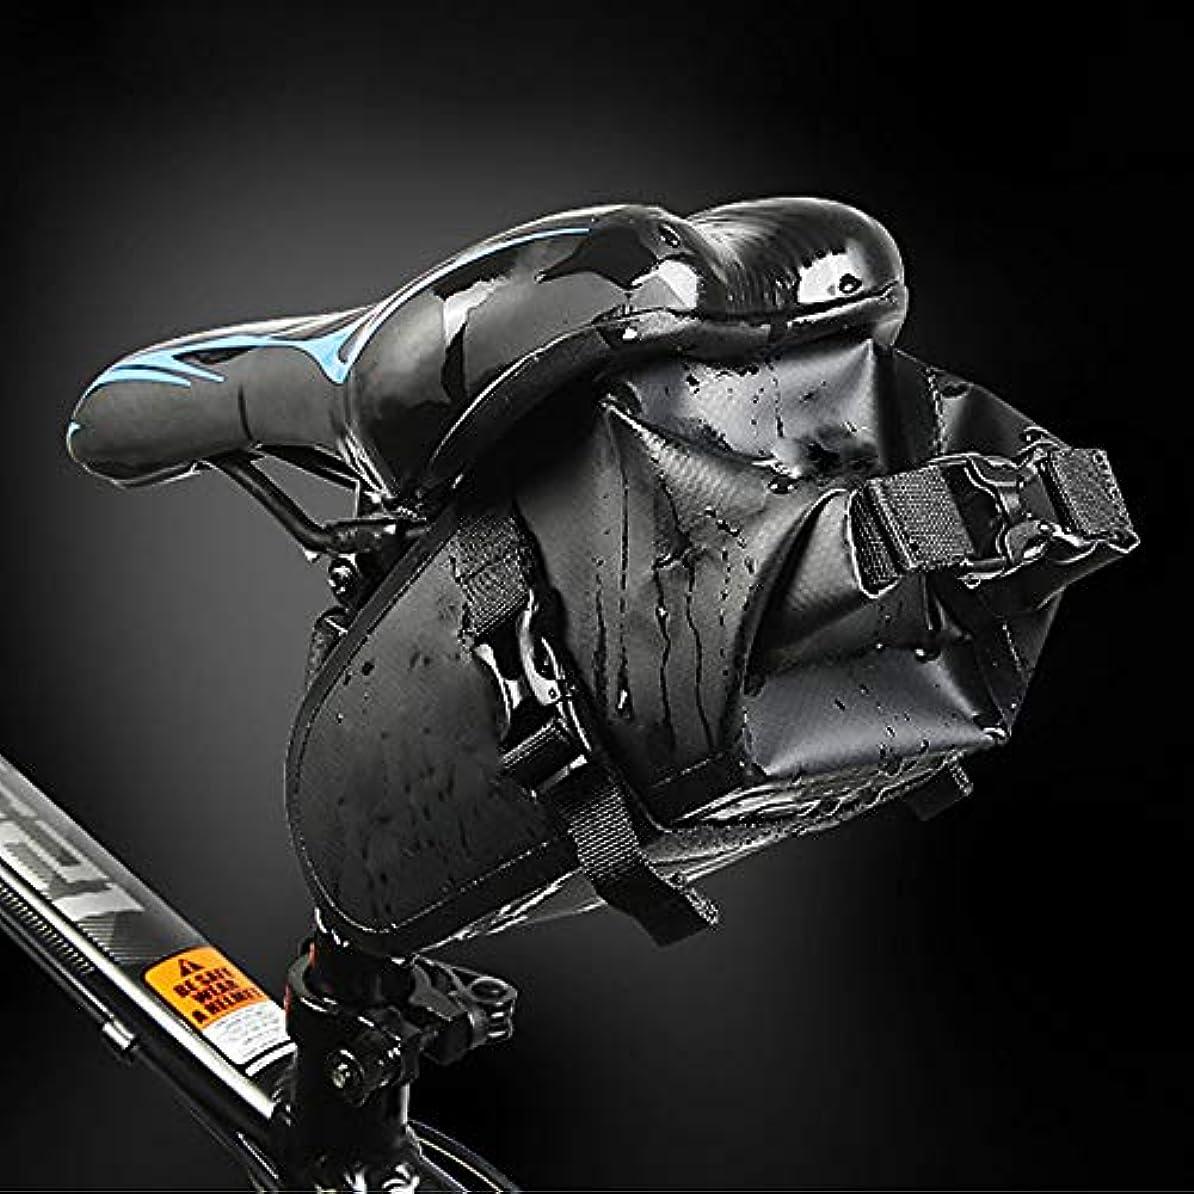 中央値荒野入浴Meet now 自転車サドルバッグ防水マウンテンバイクシートバッグ(エクストラメッシュバッグ付き)高防水素材耐久性のあるサドルバッグ 品質保証